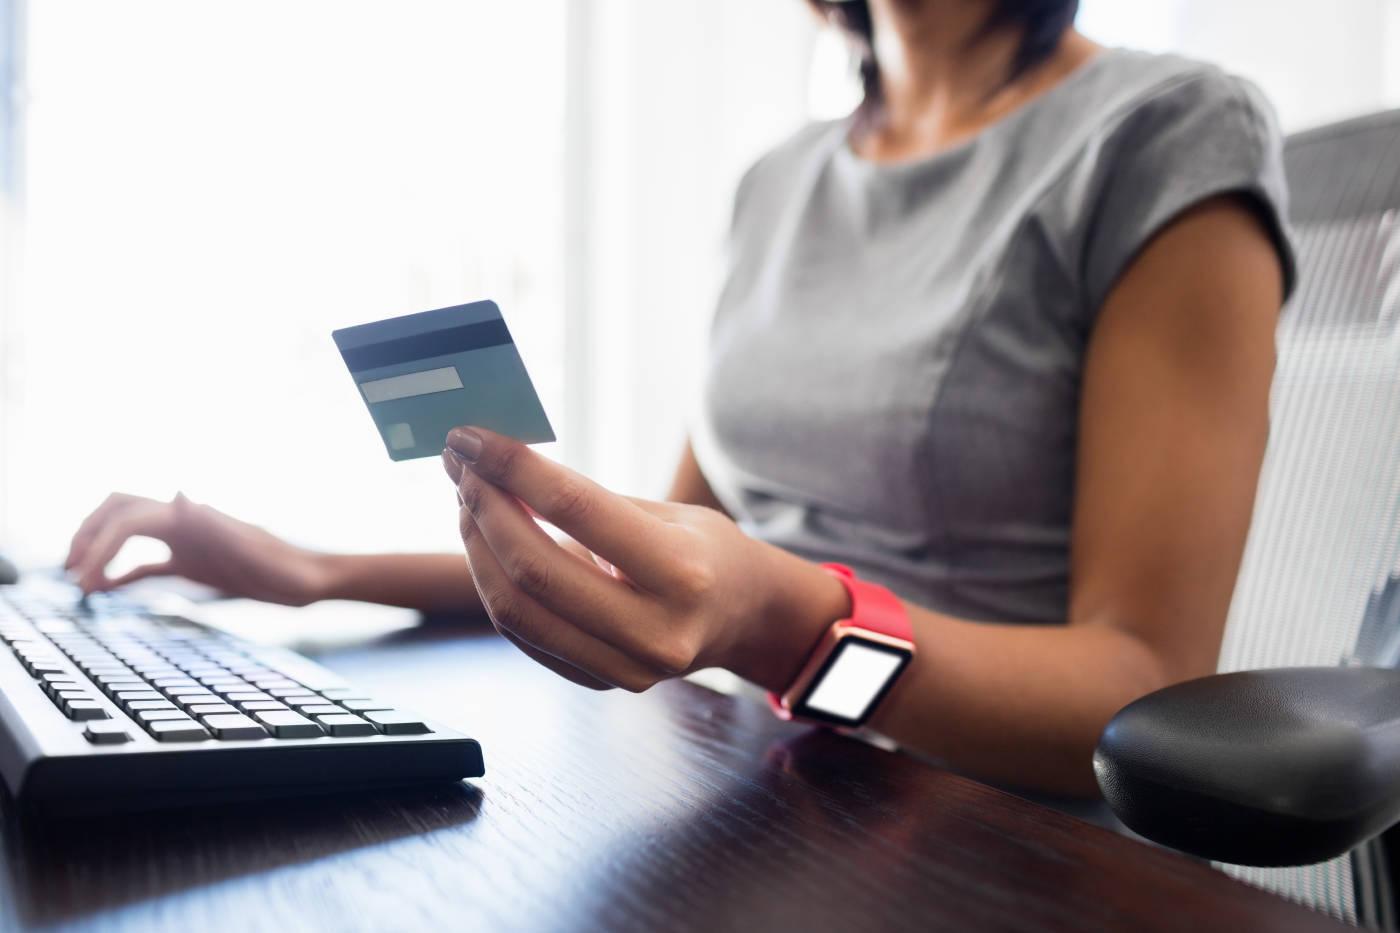 银行提醒:下月起冻结双零卡,还有一种卡被冻结还扣年费